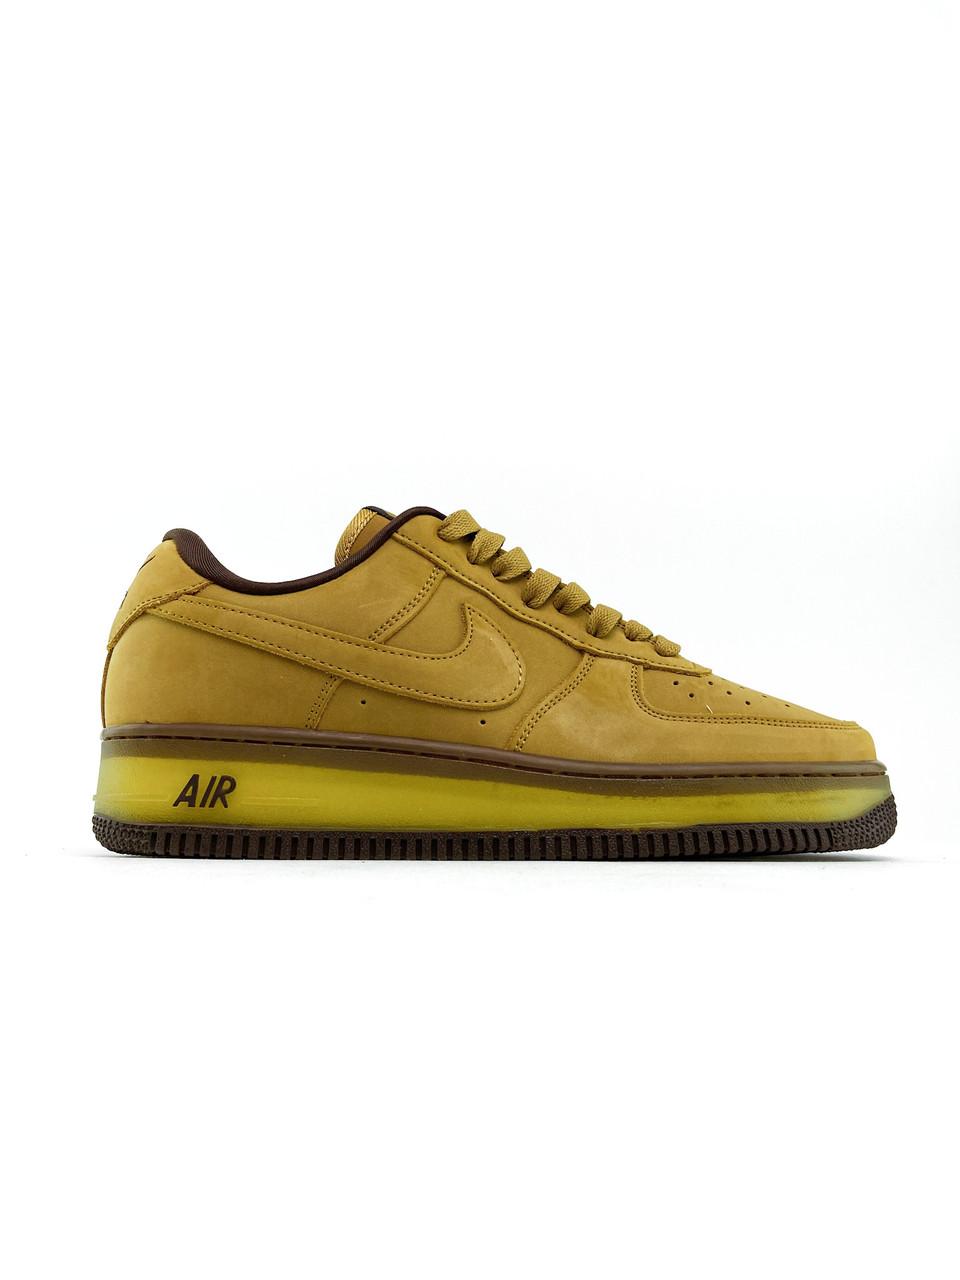 Чоловічі кросівки Nike Air Force 1 Low Wheat Mocha (Кросівки Найк Аір Форс 1 низькі коричневі)